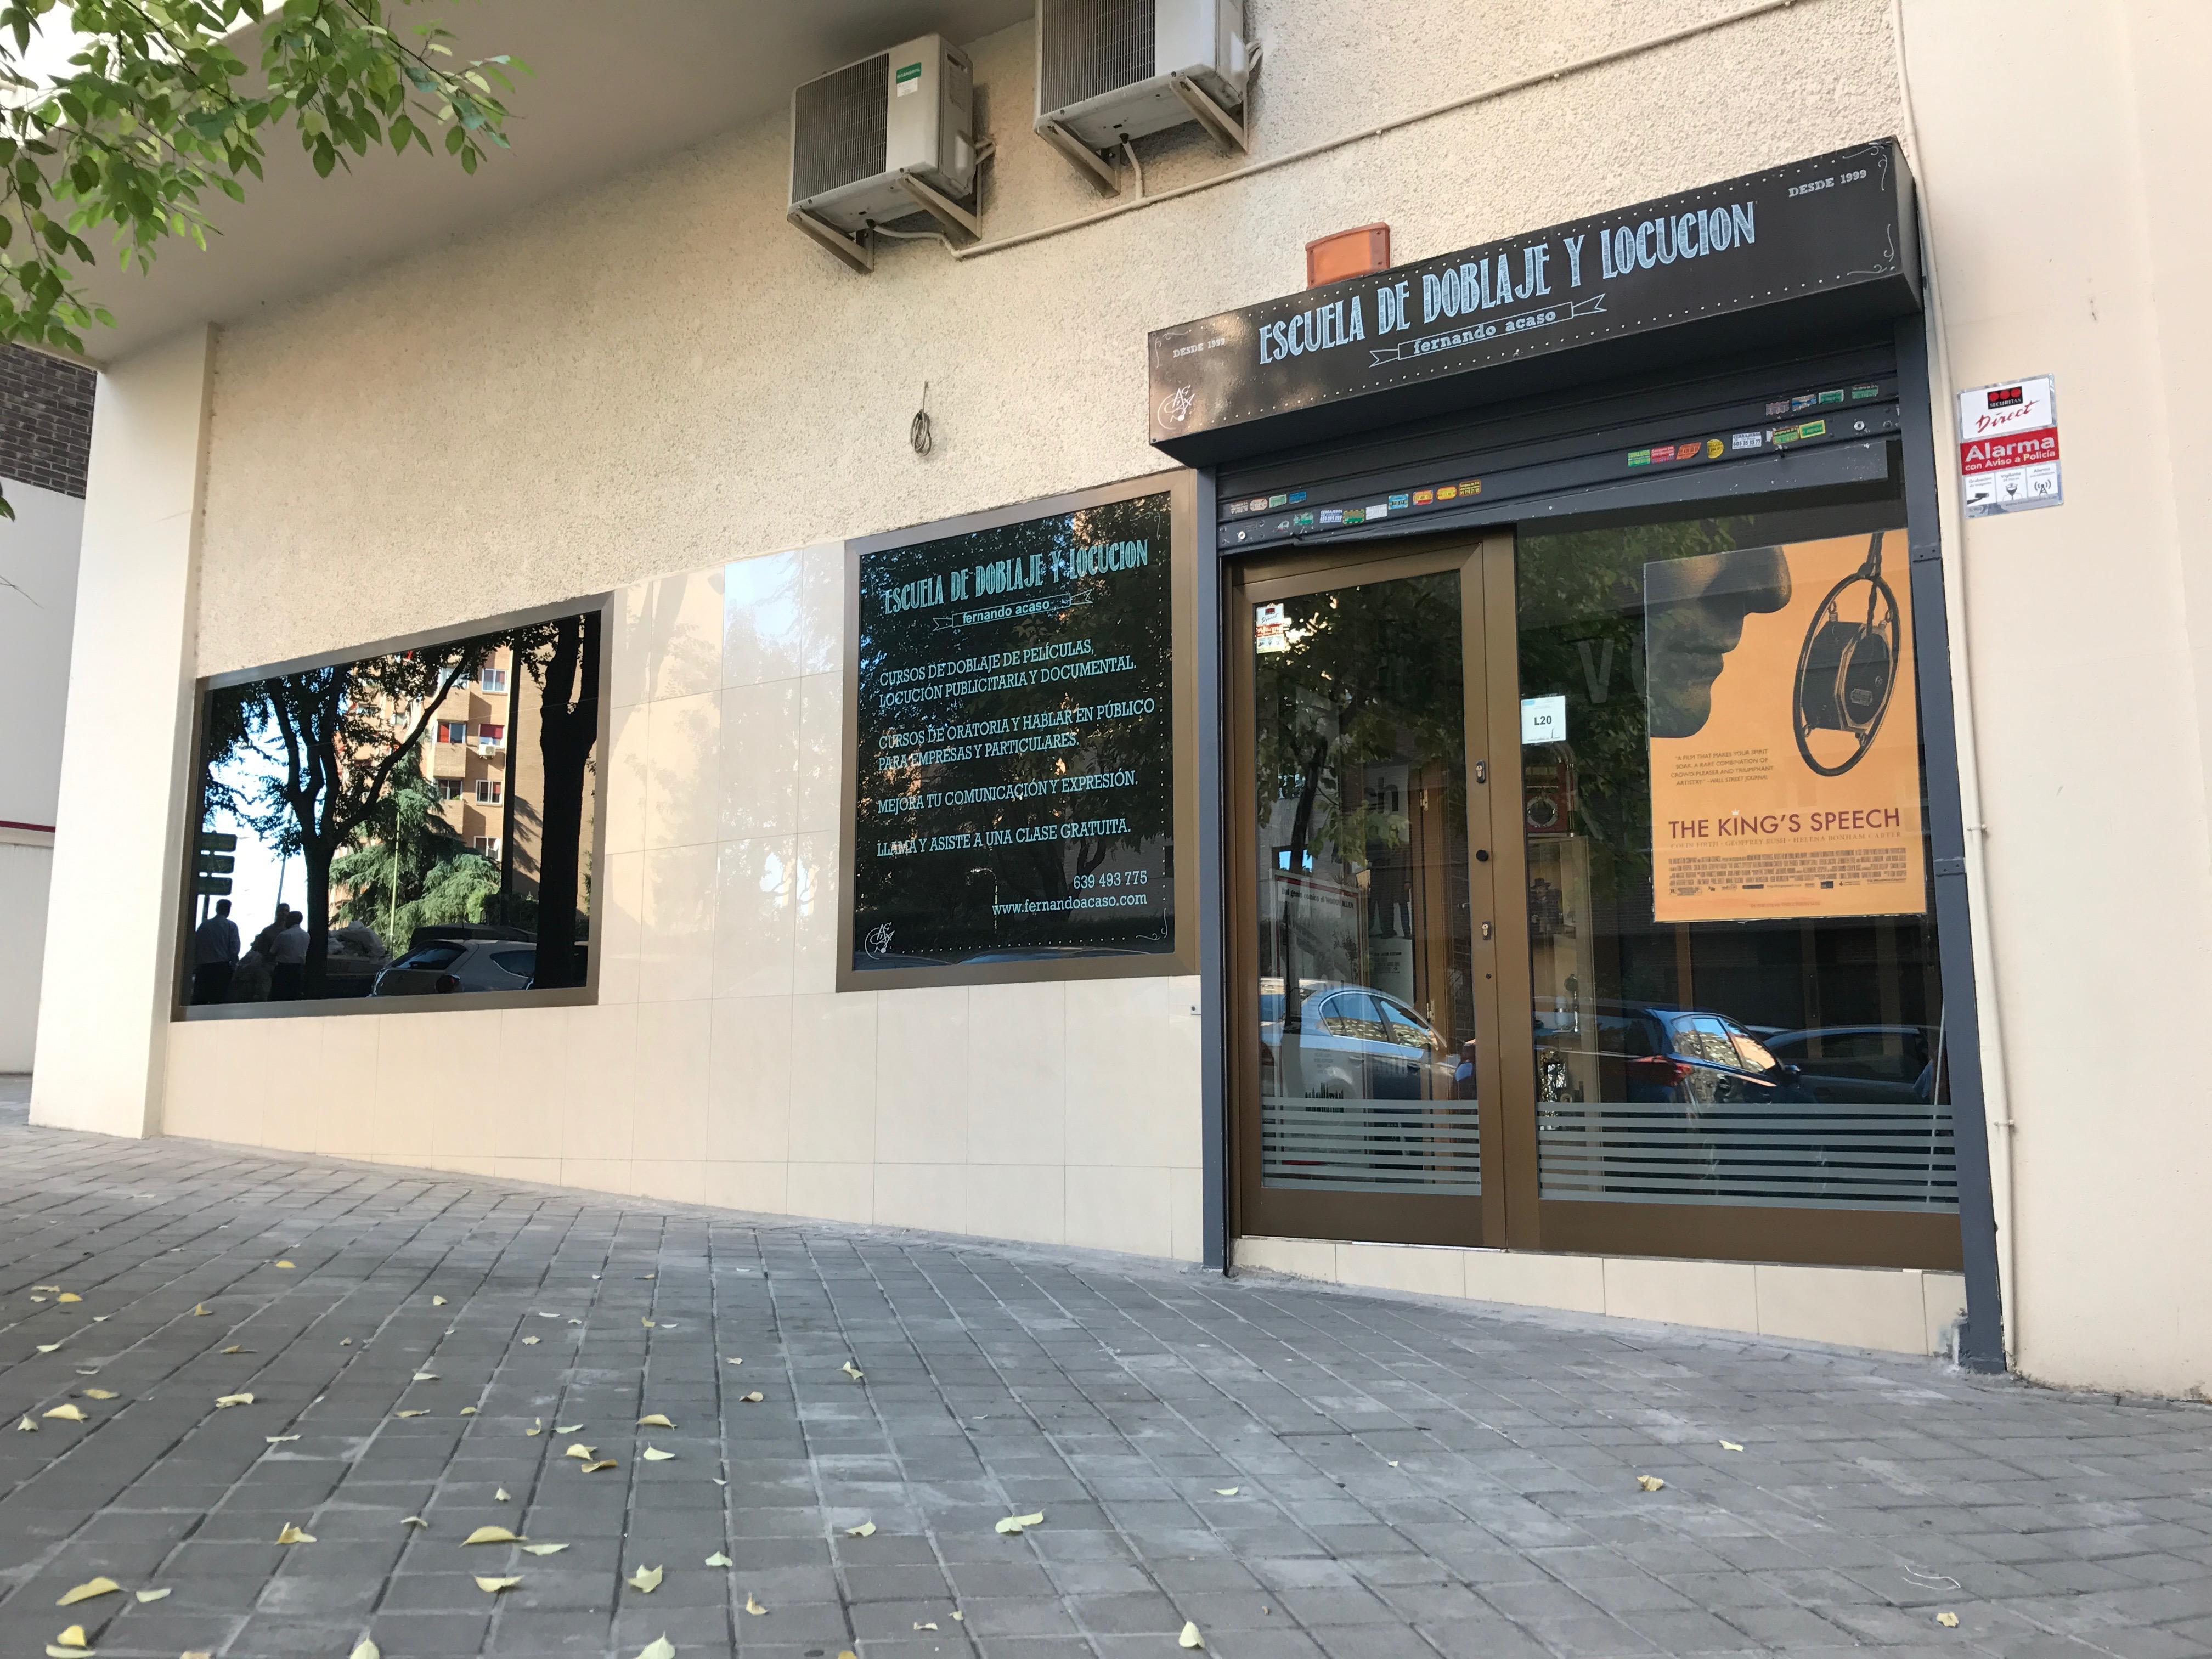 ESCUELA DE DOBLAJE Y ORATORIA FERNANDO ACASO